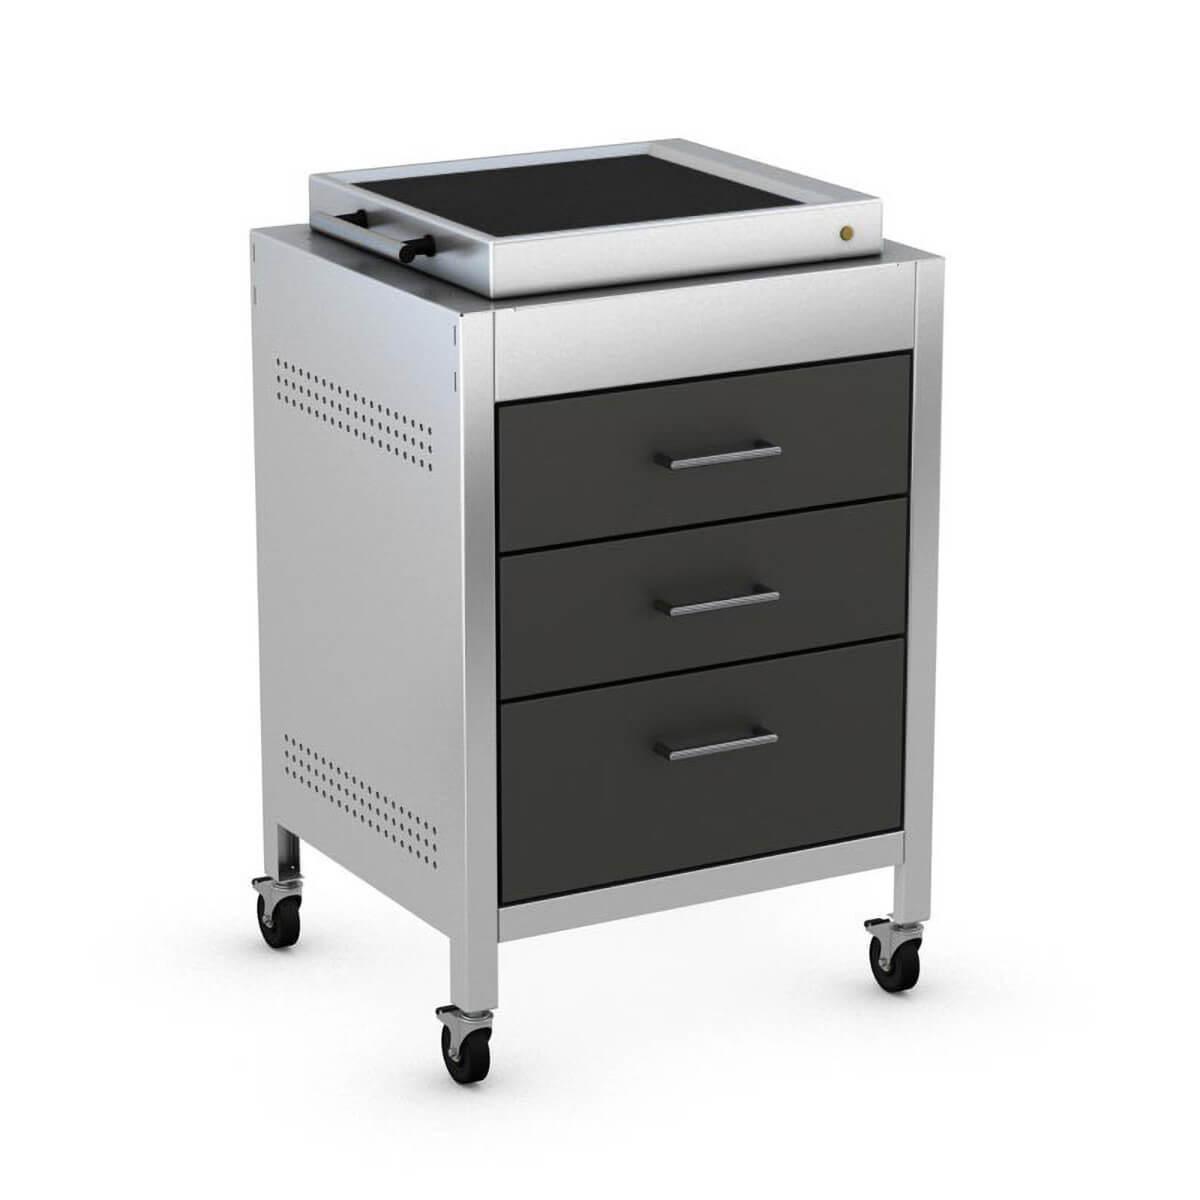 Heibi Outdoorküchen LeMax II Elektrogrill mit Schubladen-Modul 51250-050+800014